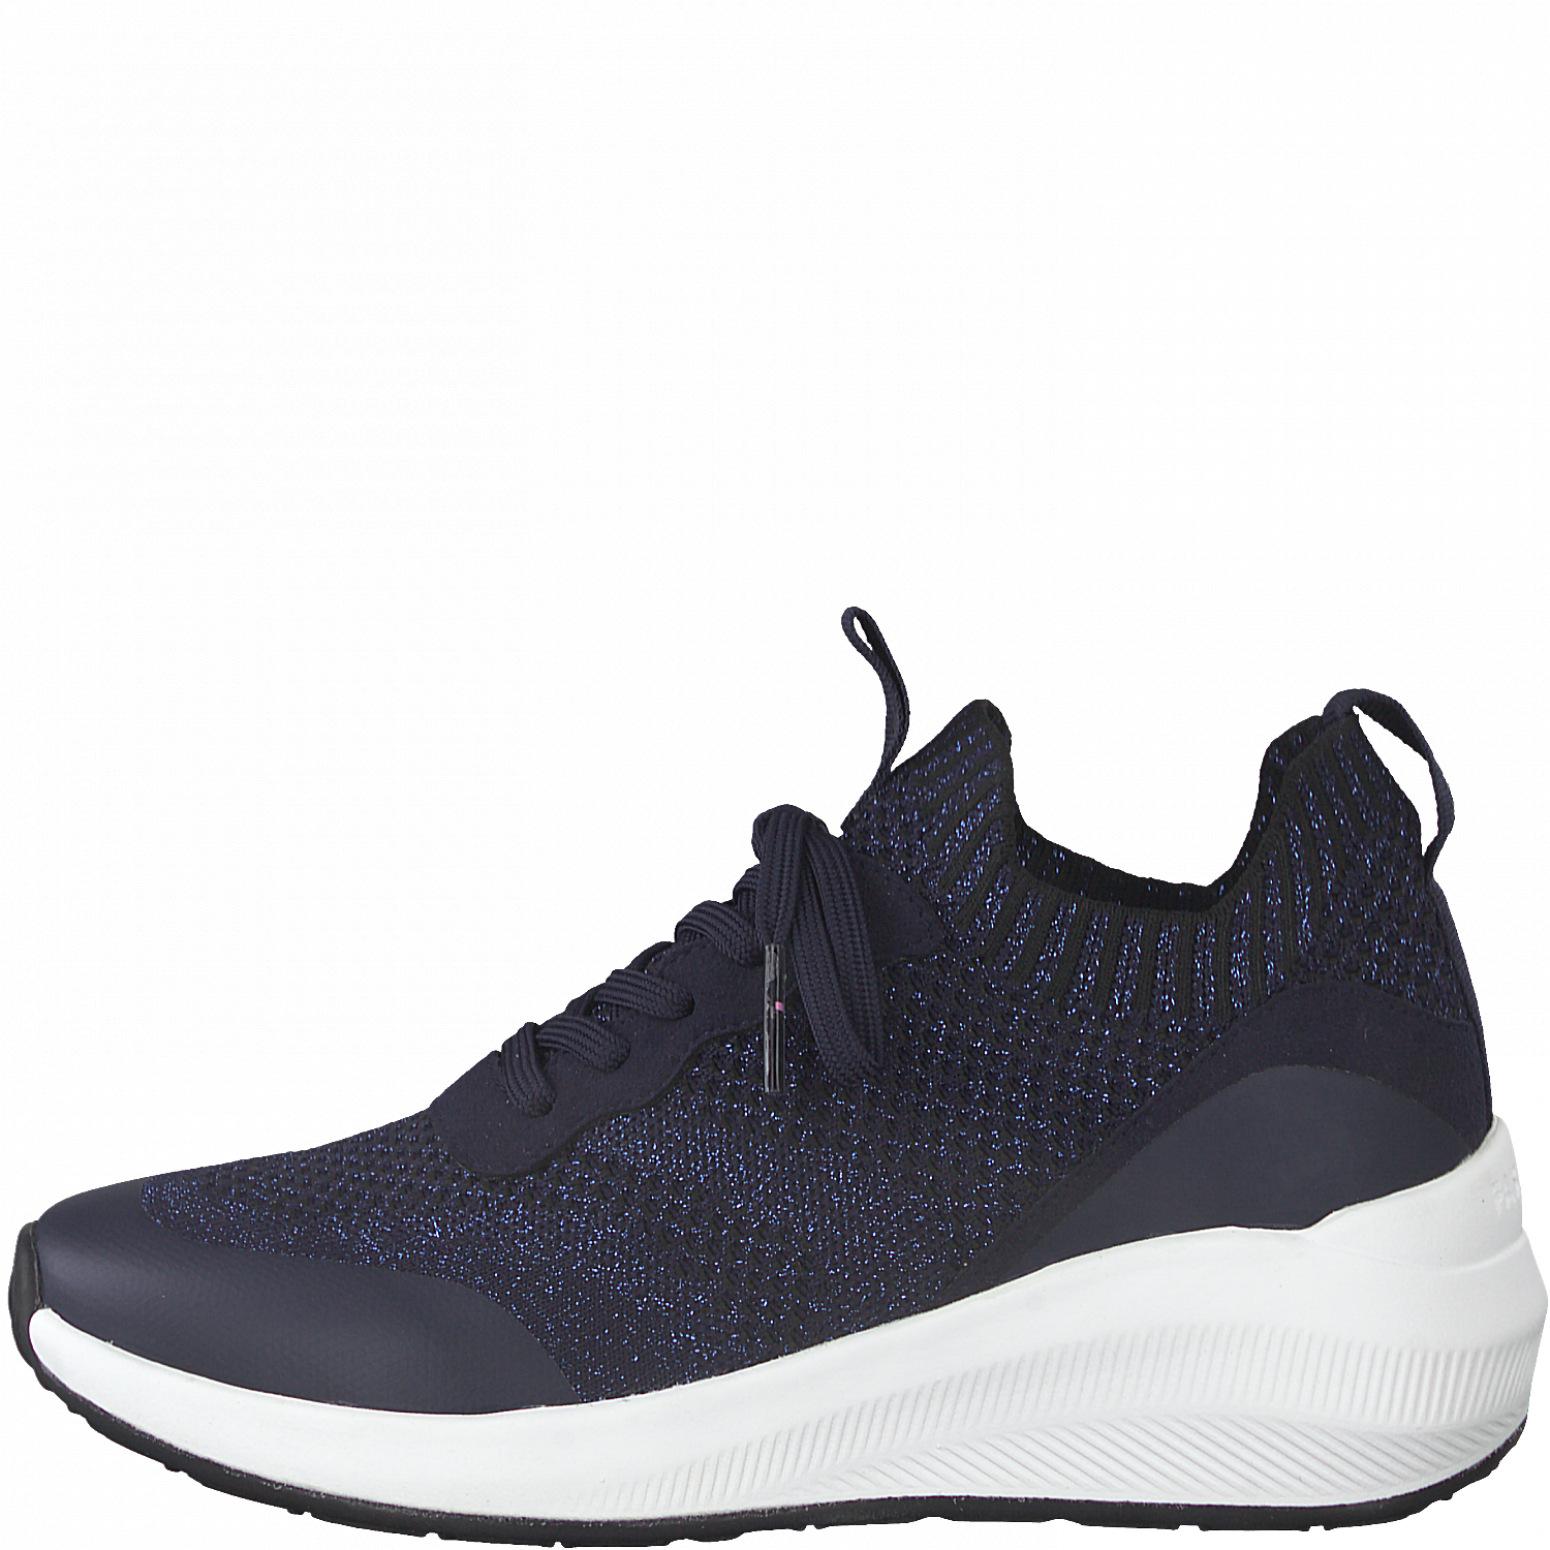 Tamaris 23758 sneakers, black silver, 37